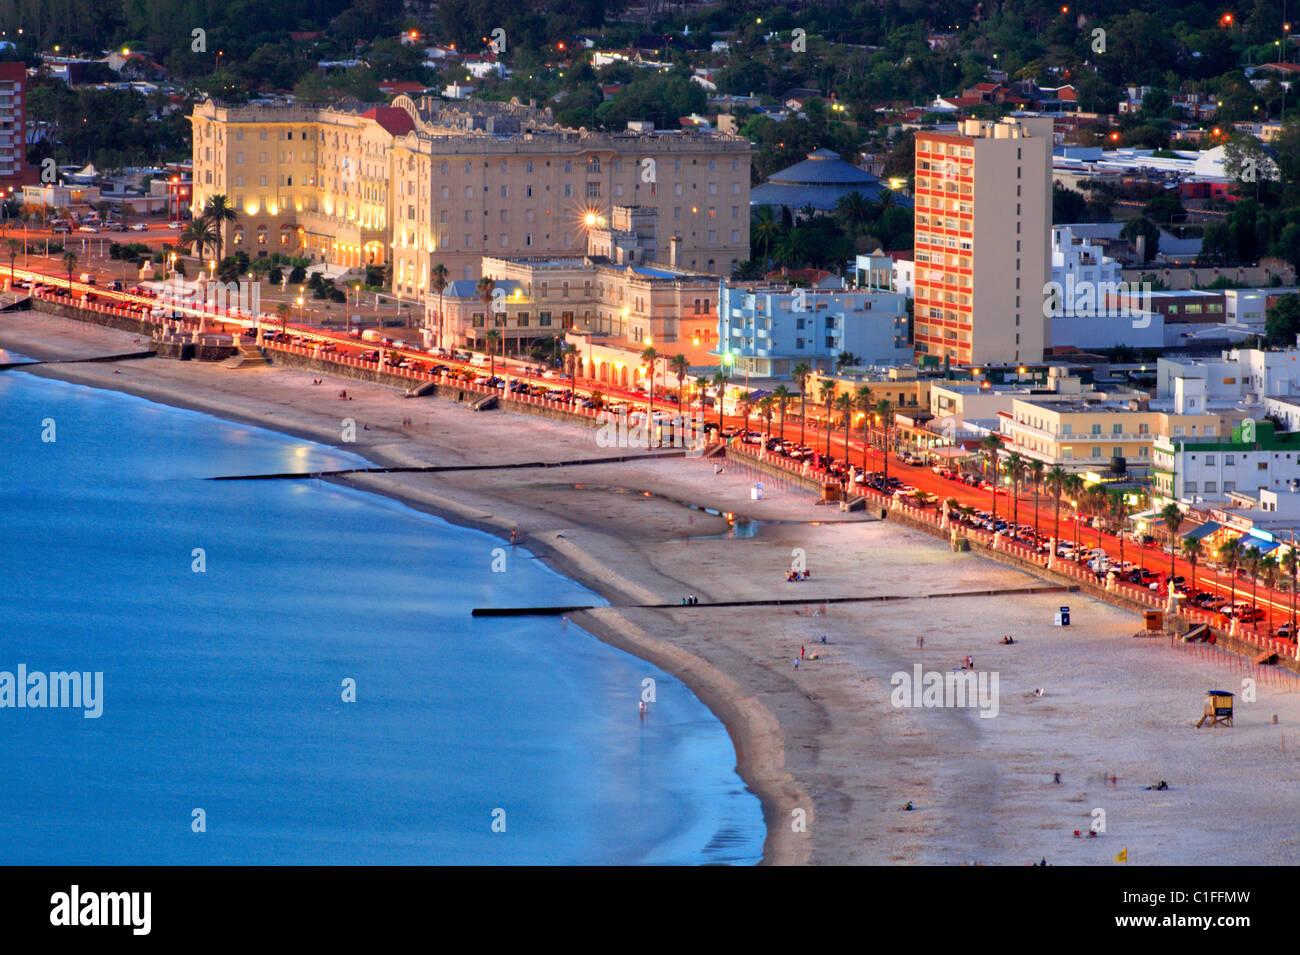 Vista aerea di Piriapolis tra la città e la spiaggia. Maldonado, Uruguay Sud America Immagini Stock